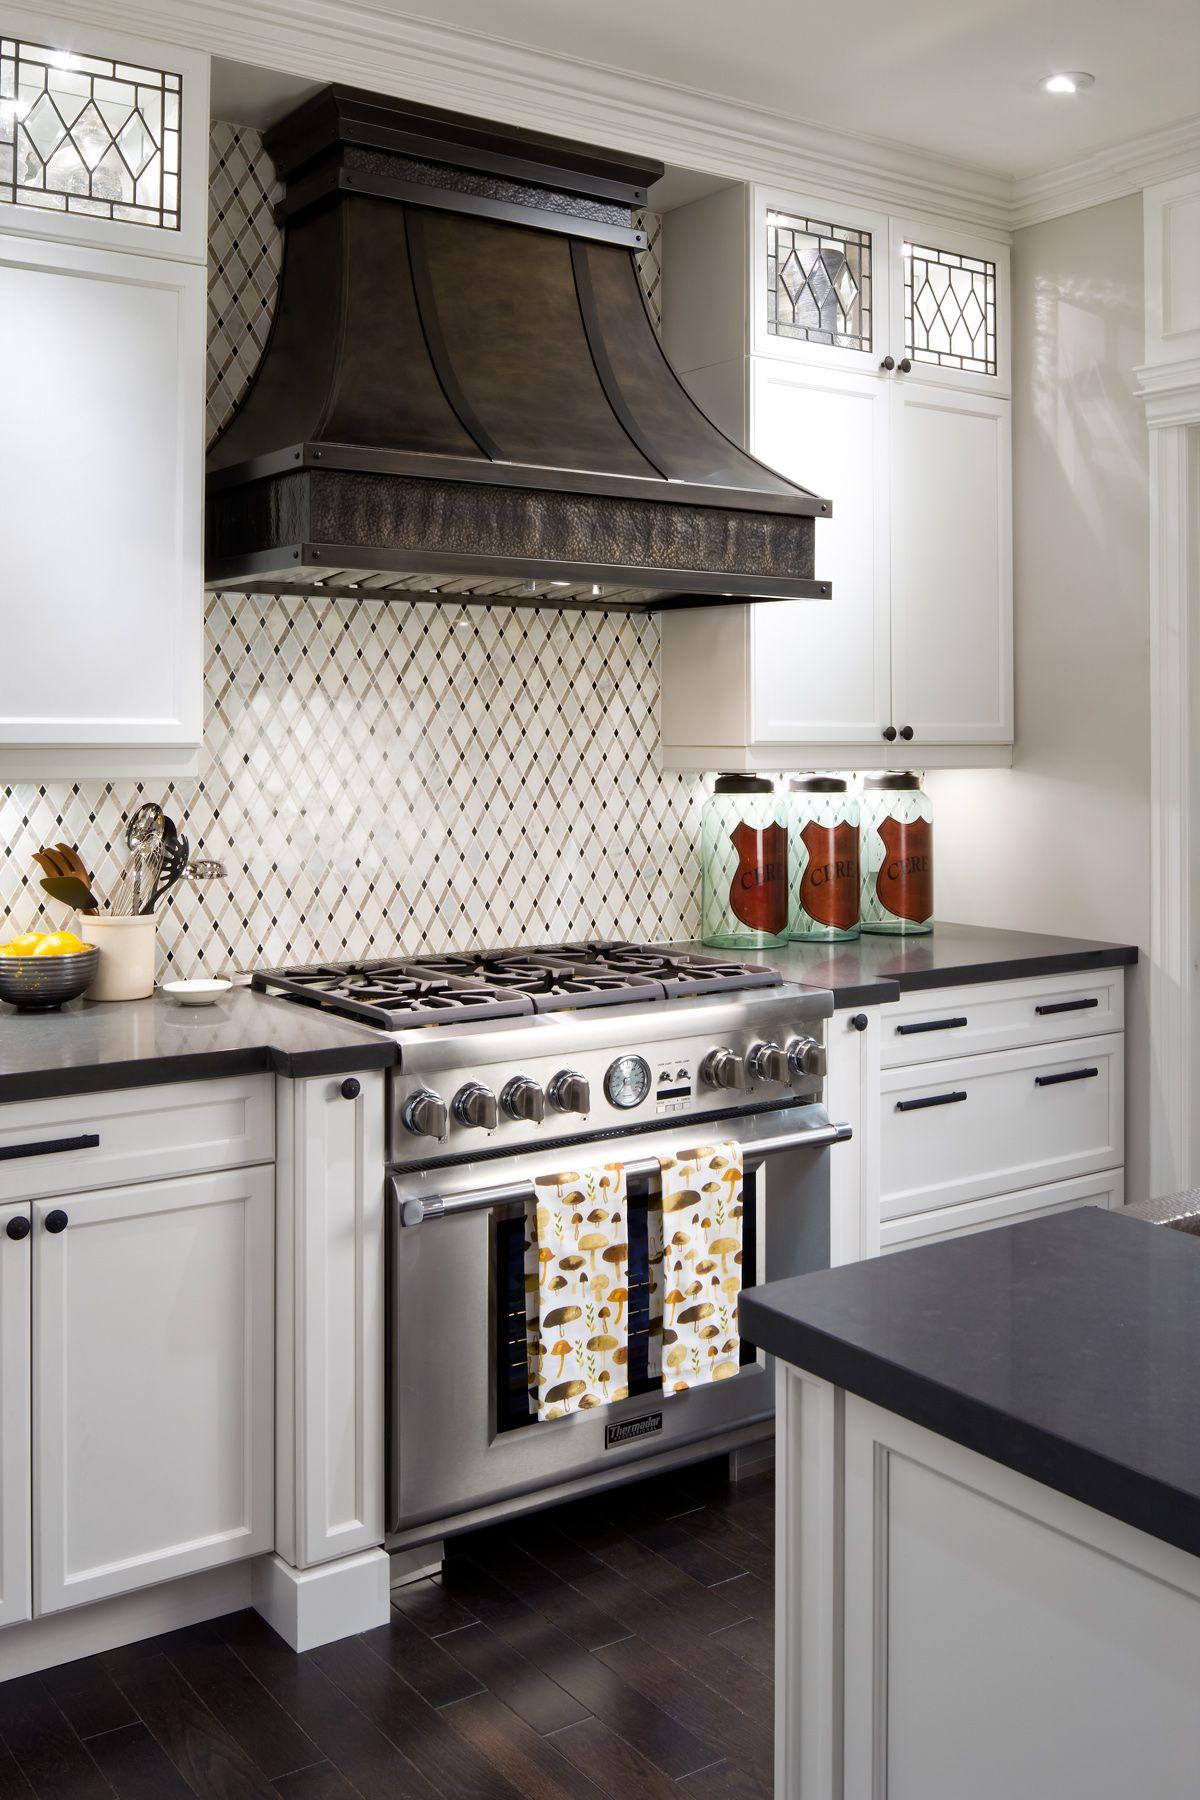 Candice Olson On Unique Kitchen Details Kitchen Design Gallery Interior Design Kitchen Kitchen Design